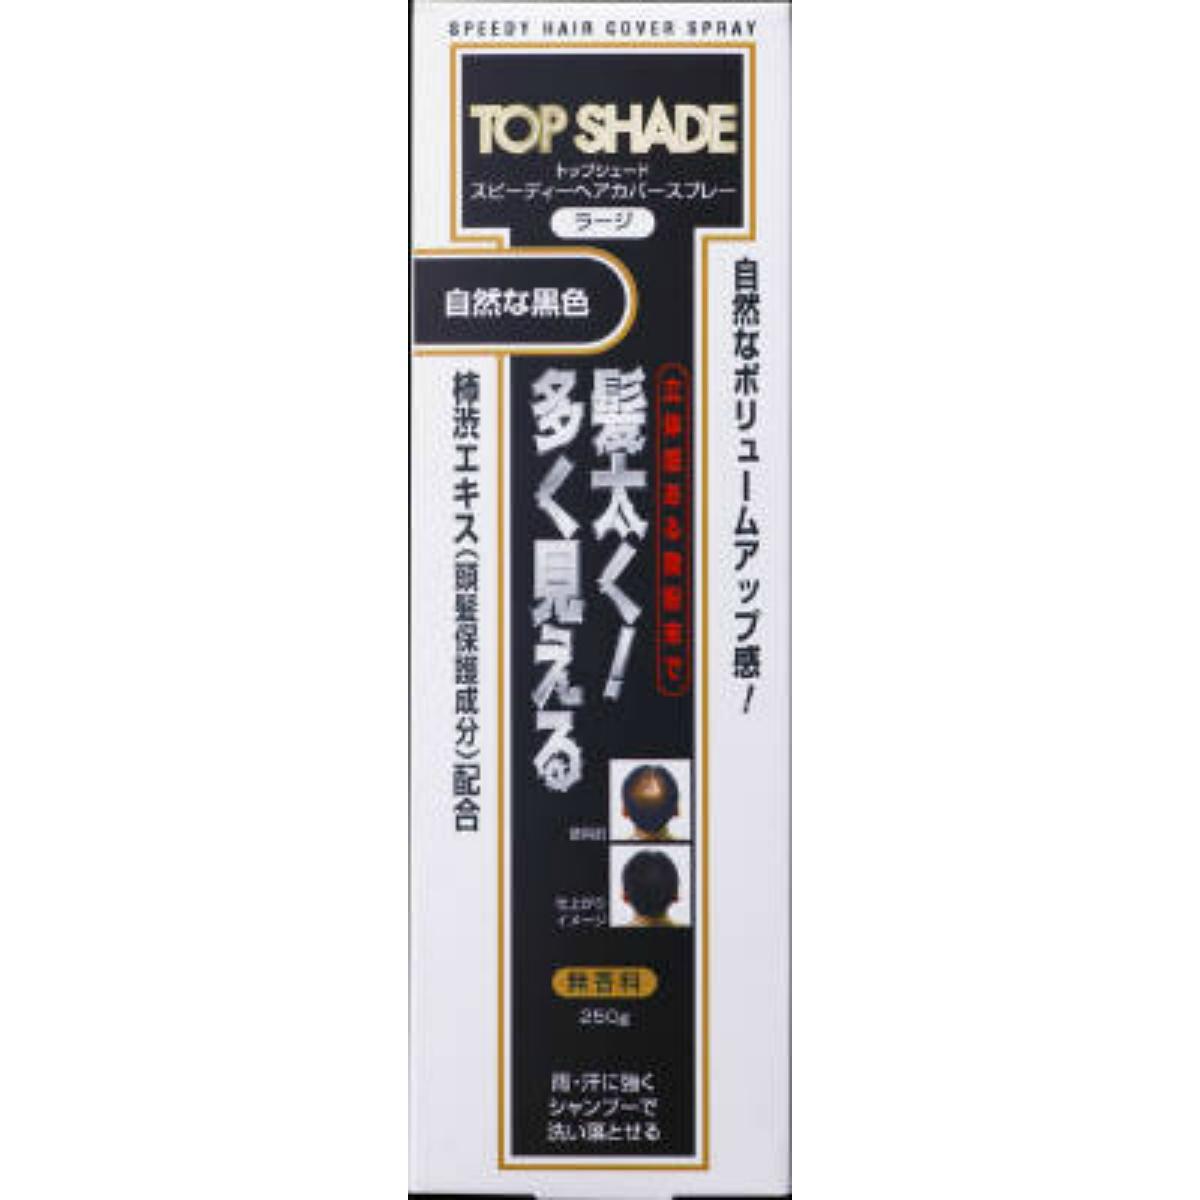 【送料込·まとめ買い×6個セット】柳屋本店 トップシェード ヘアカバースプレー ラージ 自然な黒色 250g